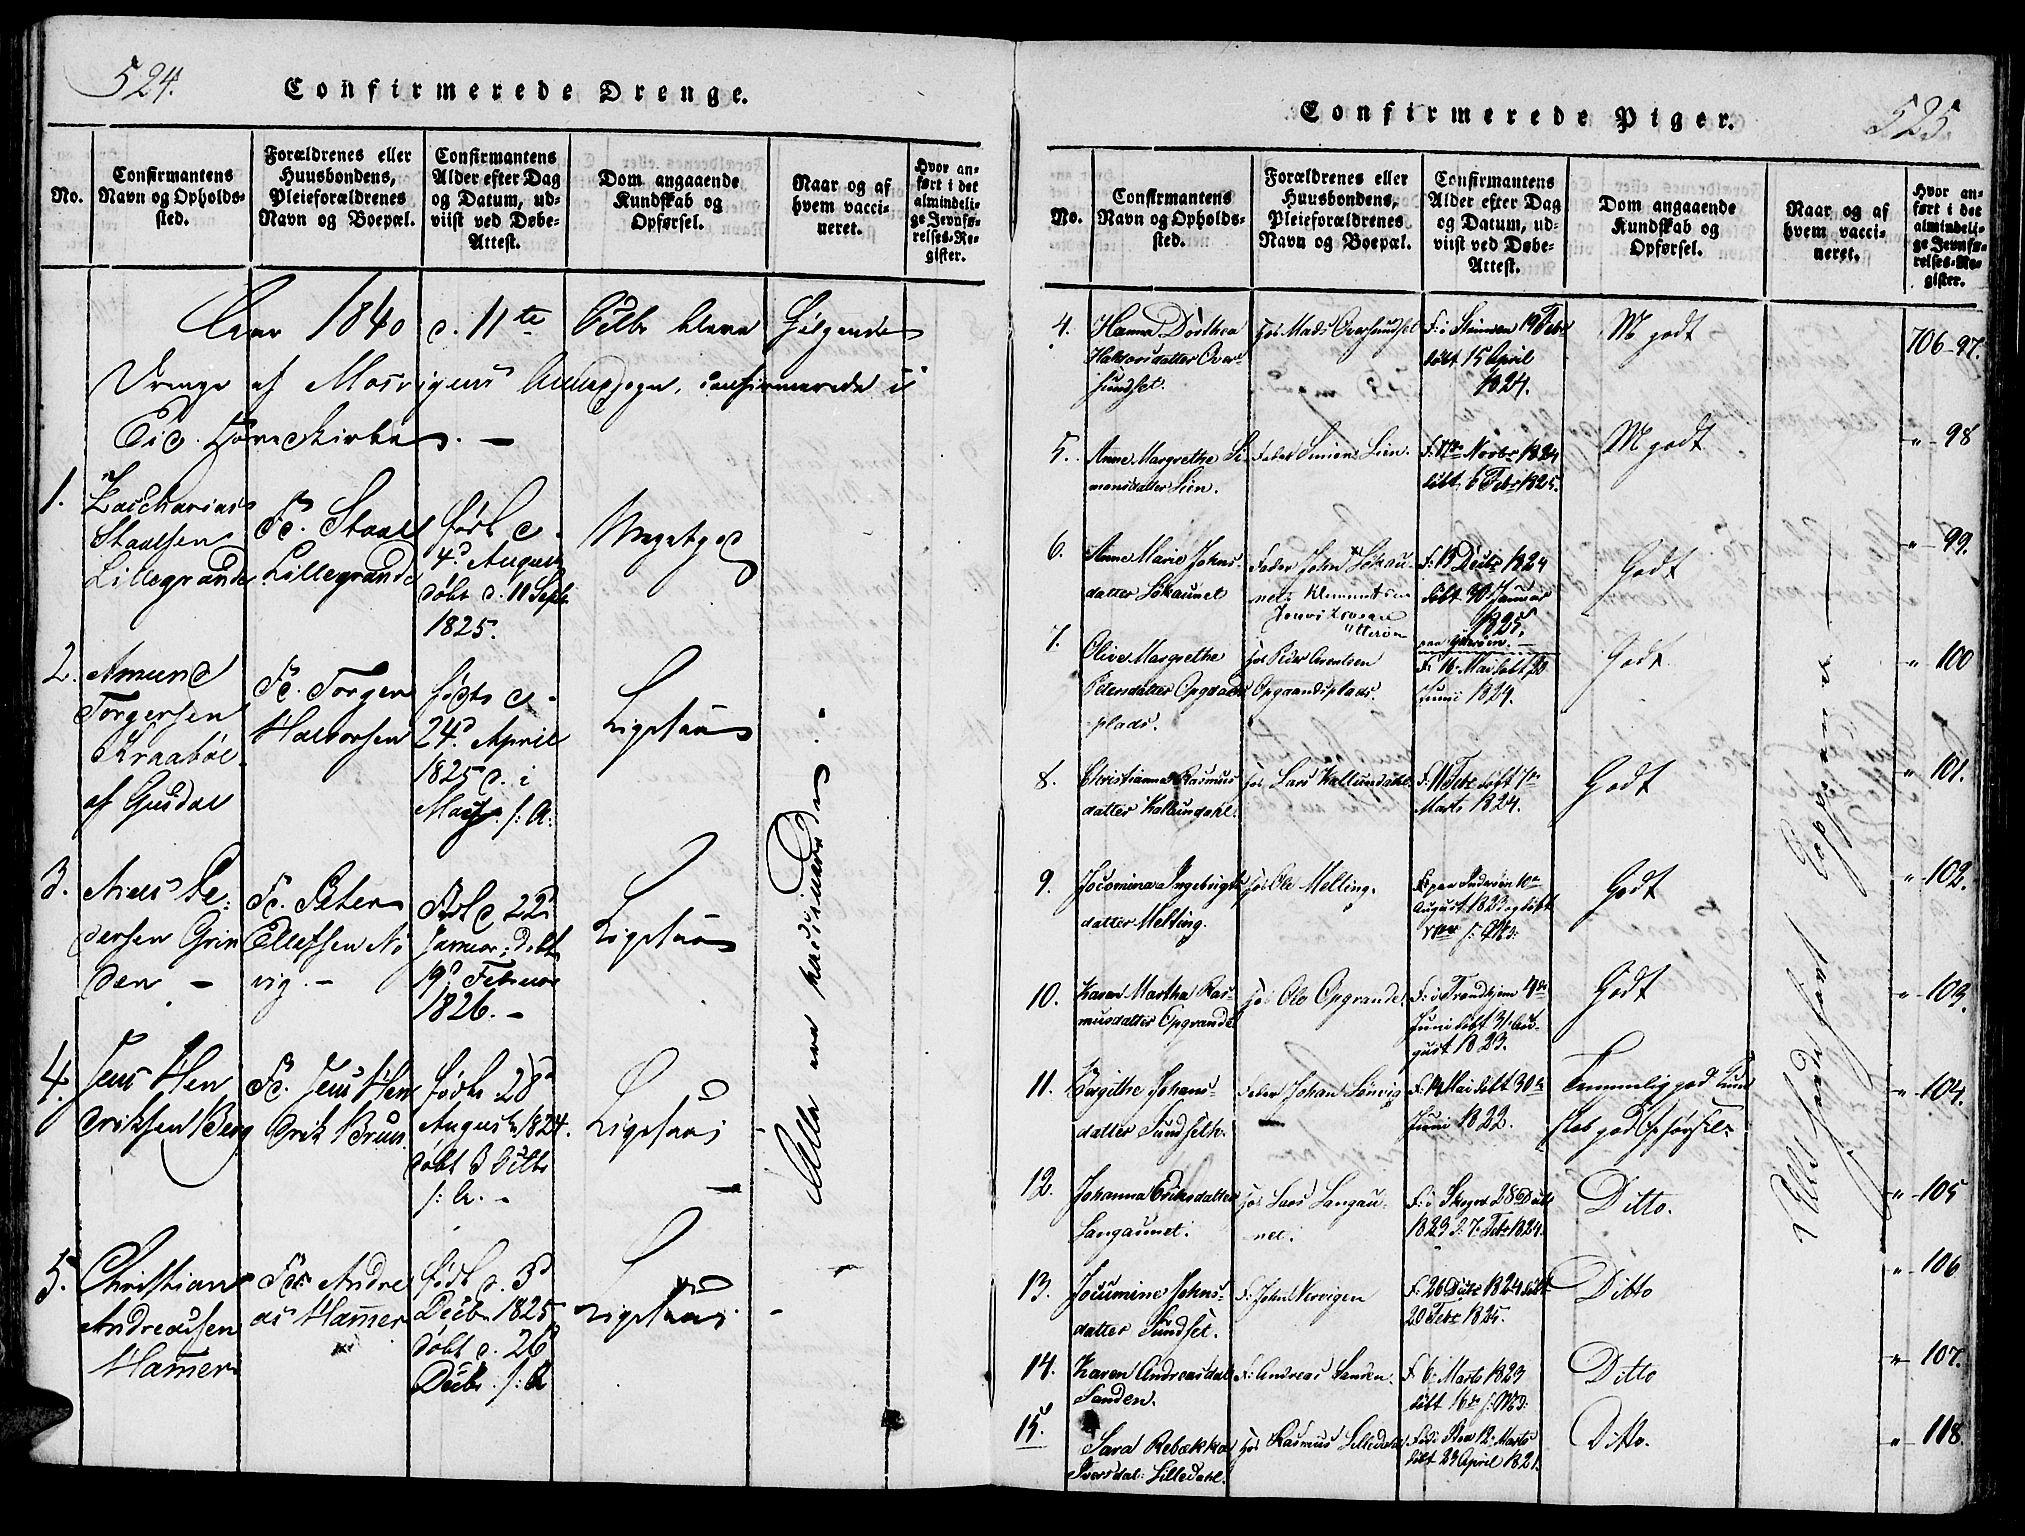 SAT, Ministerialprotokoller, klokkerbøker og fødselsregistre - Nord-Trøndelag, 733/L0322: Ministerialbok nr. 733A01, 1817-1842, s. 524-525